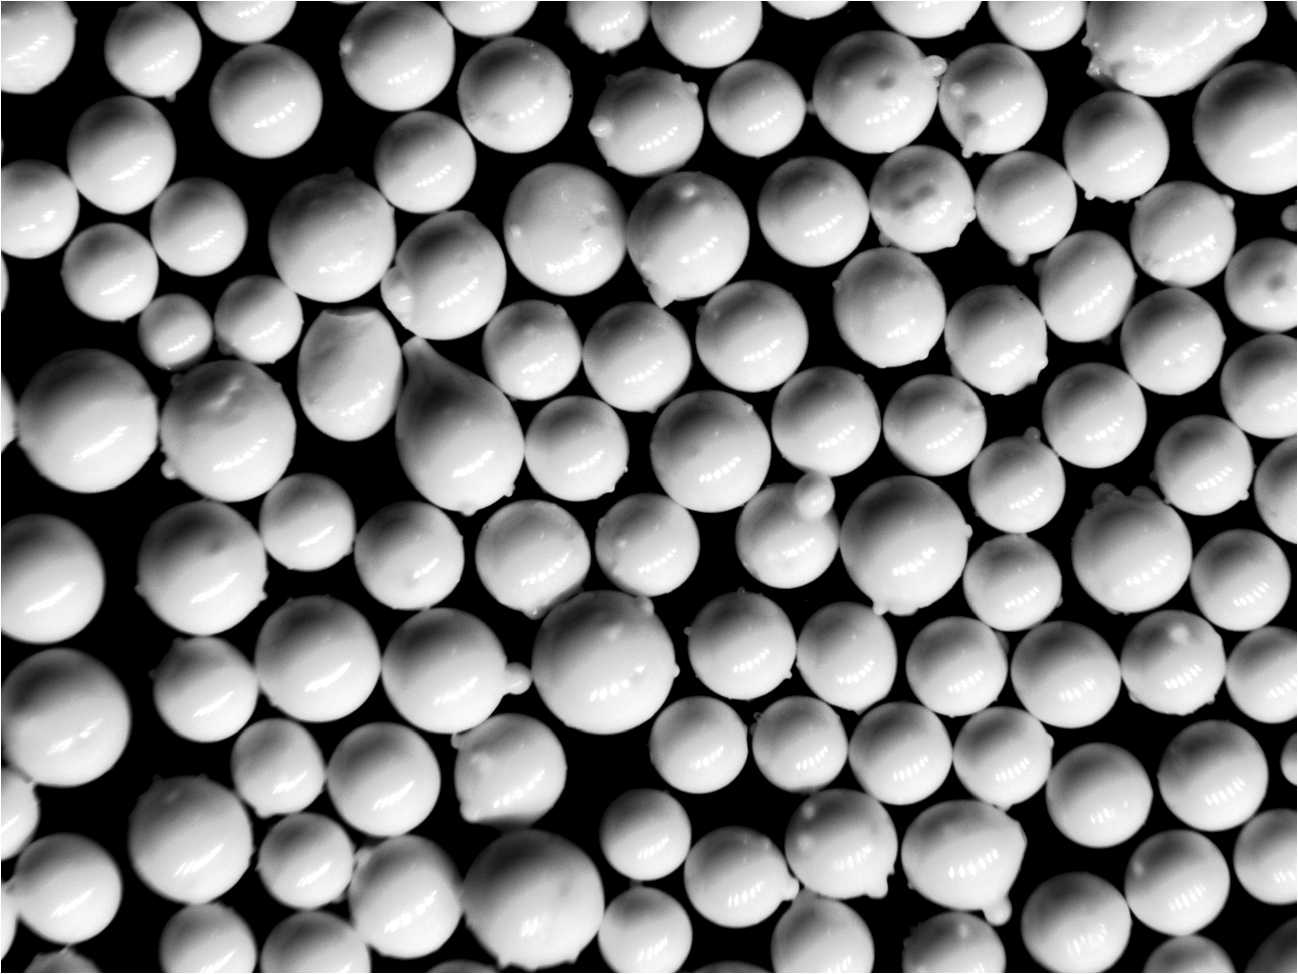 陶瓷砂噴砂工藝功能特性研究